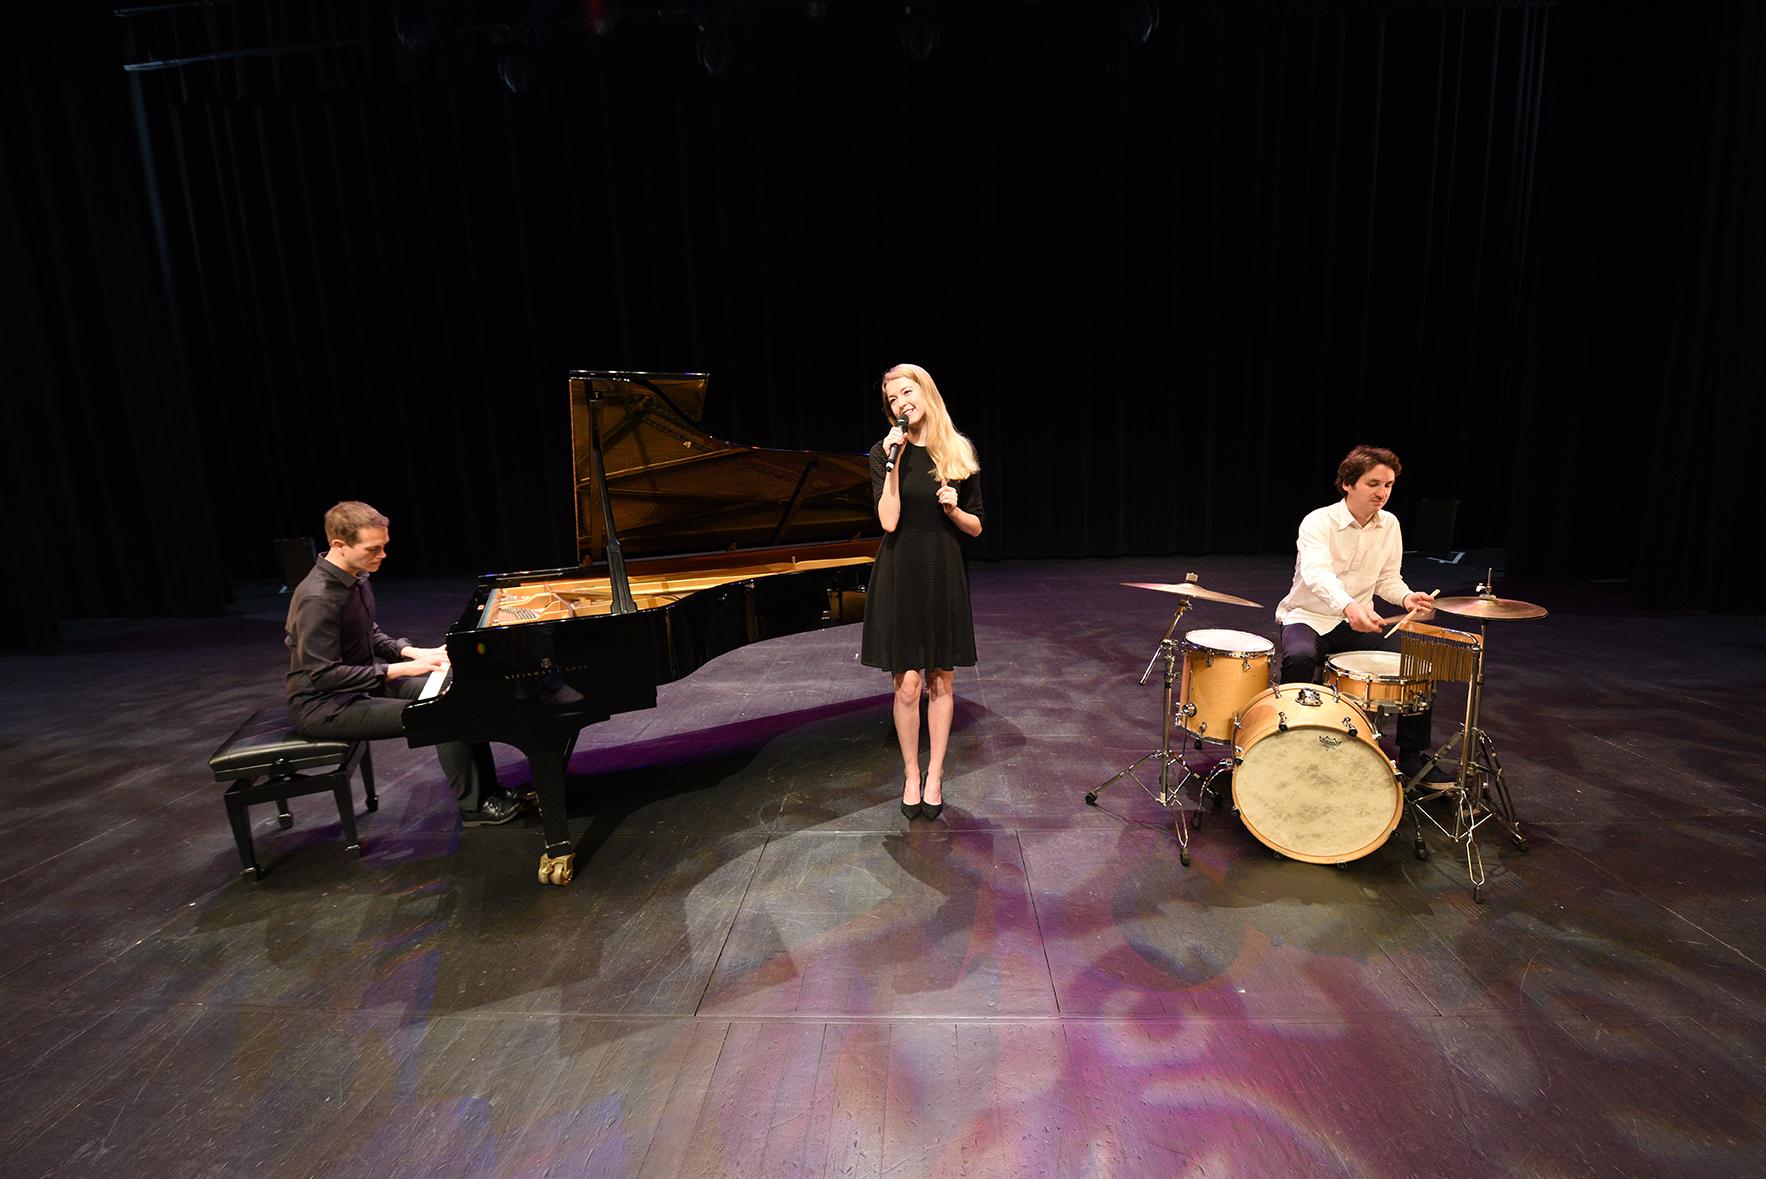 Musiciens pop variété jazz lounge •événementiel • cocktail •vin d'honneur •mariage •soirée •concert privé •musique d'ambiance •repas  •INDRE Châteauroux